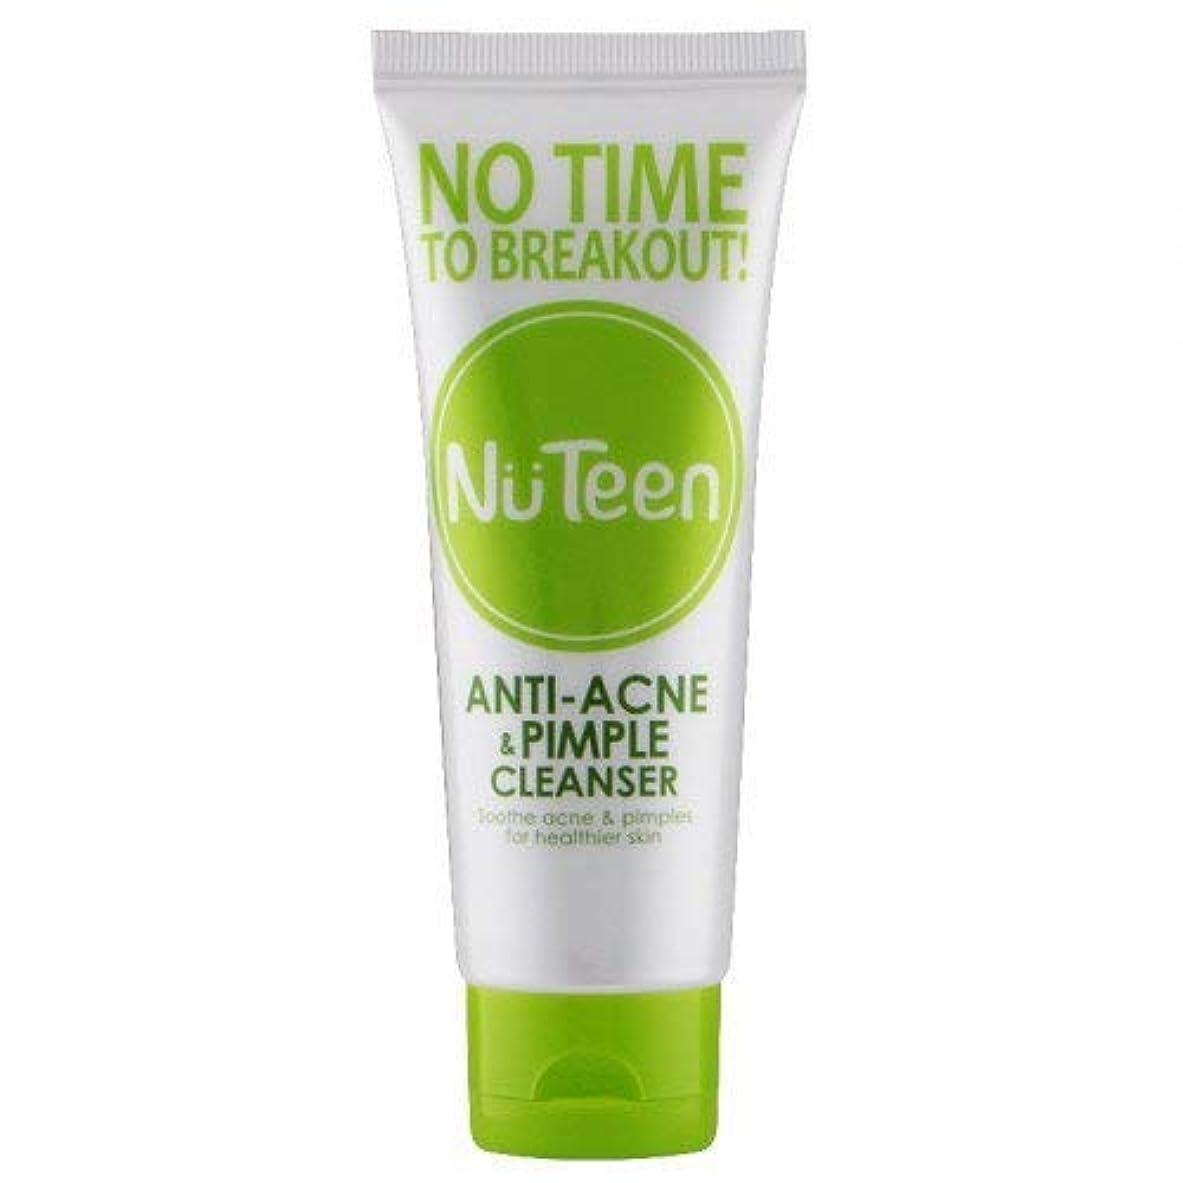 Nuteen 抗ニキビや吹き出物洗顔料は優しく効果的にきれい100g-乾燥せずに余分な油や汚れを取り除きます